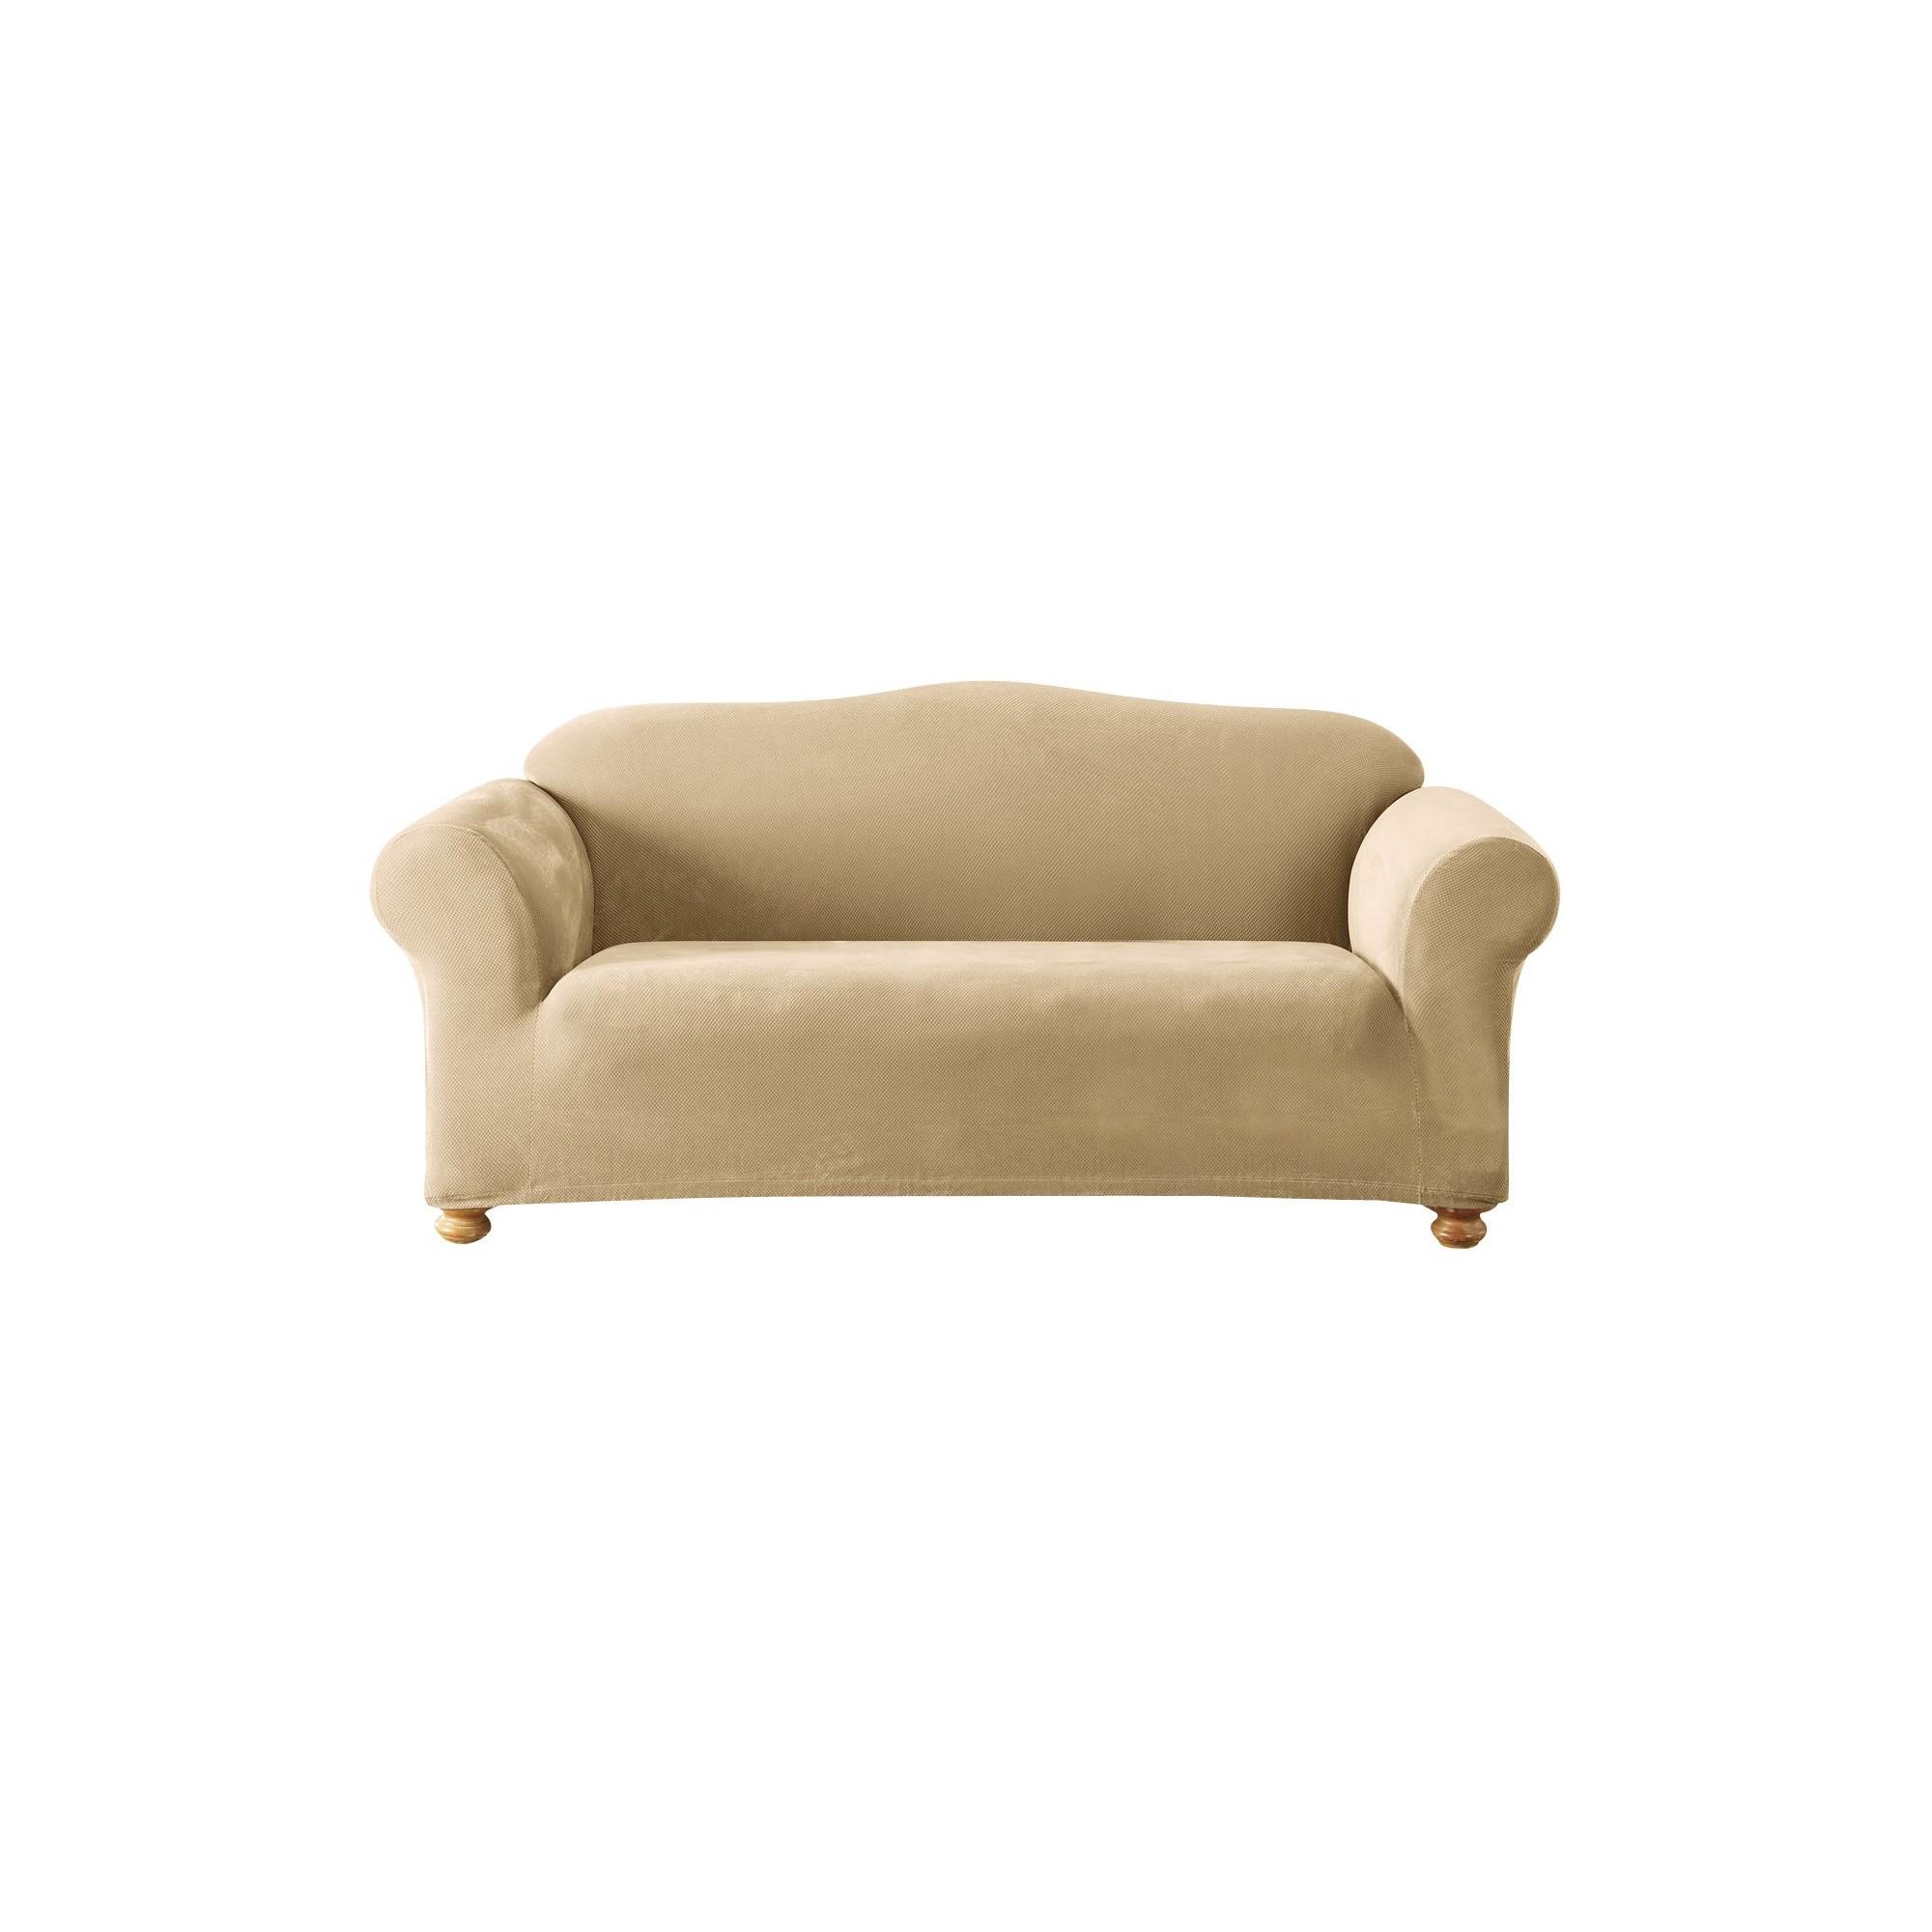 Stretch Pique Sofa Slipcover Cream - Sure Fit, Ivory